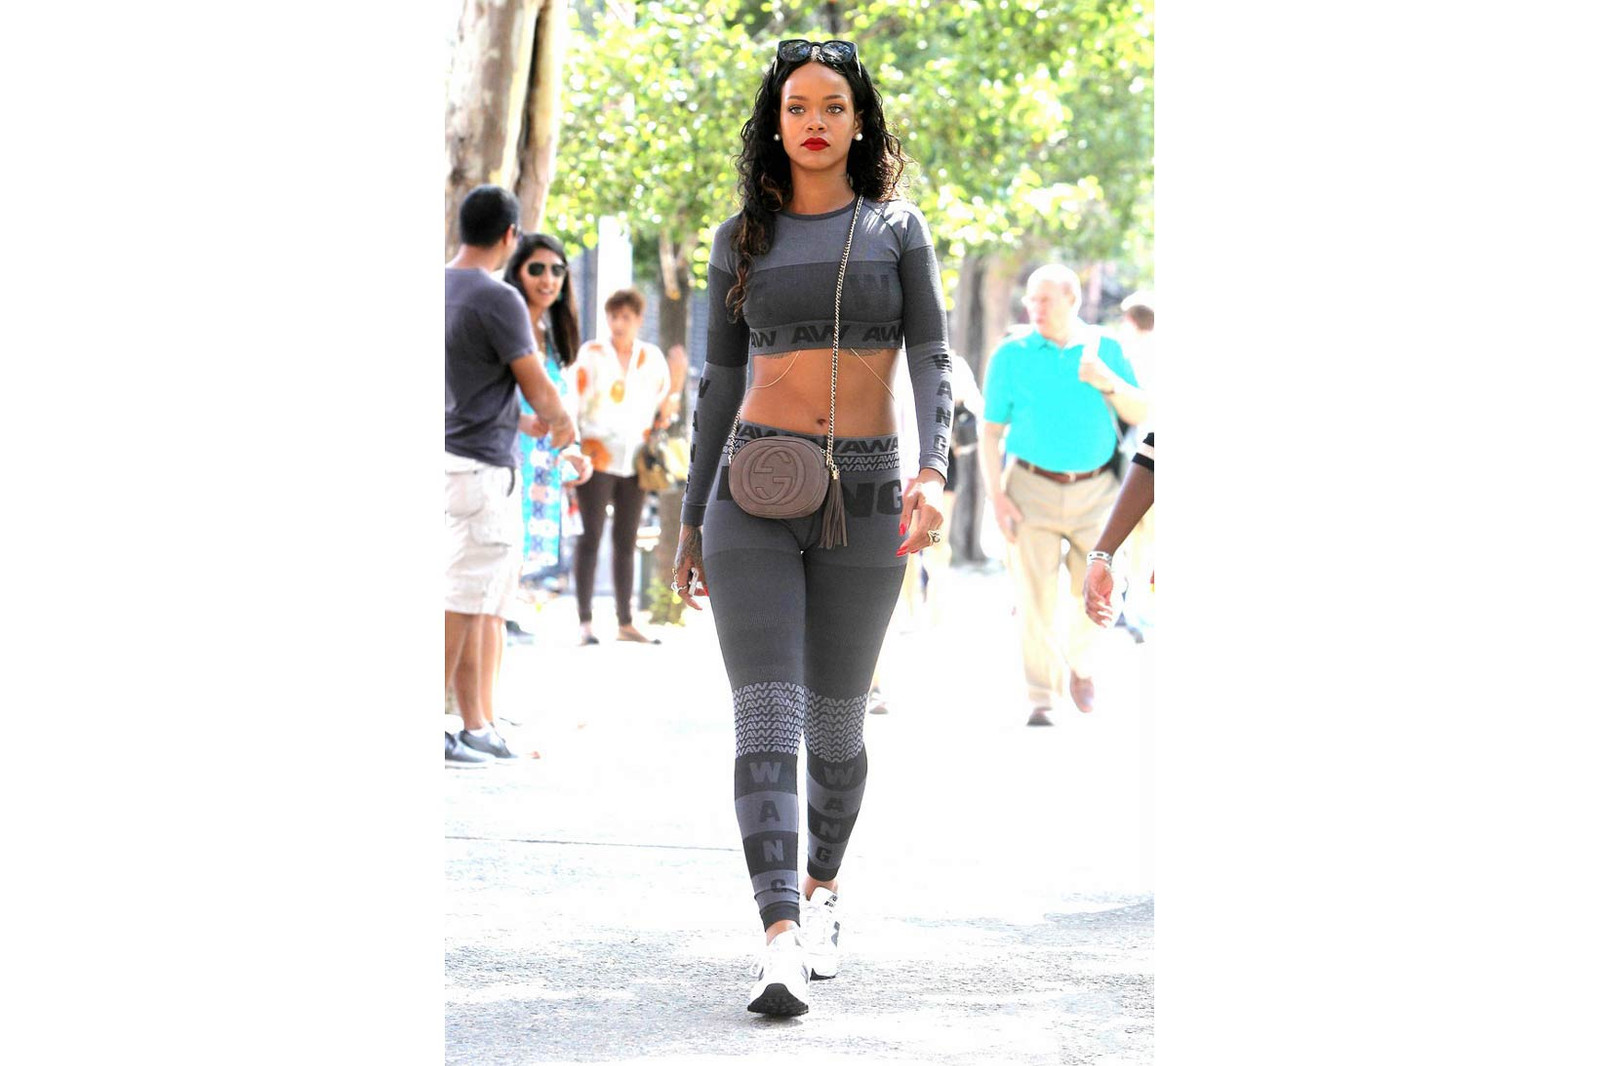 Rihanna Fenty PUMA Streetsnaps 2017